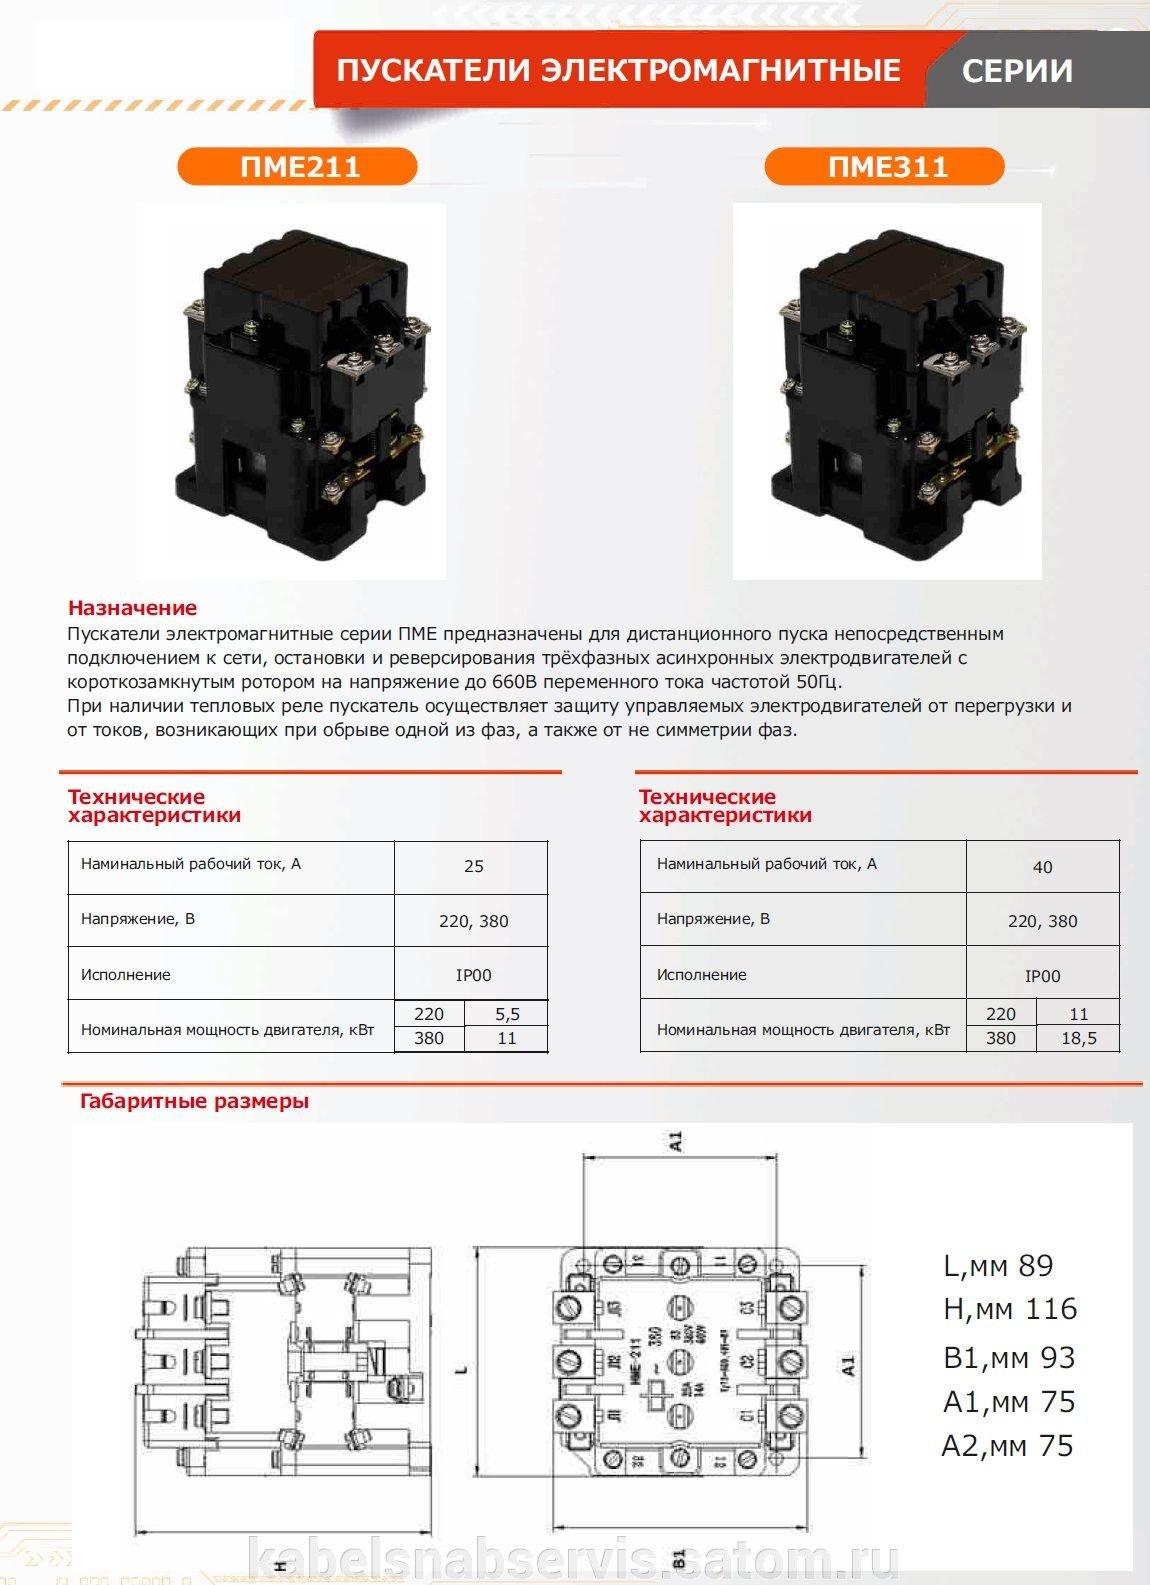 Электромагнитные пускатели пм12: опасайтесь подделок